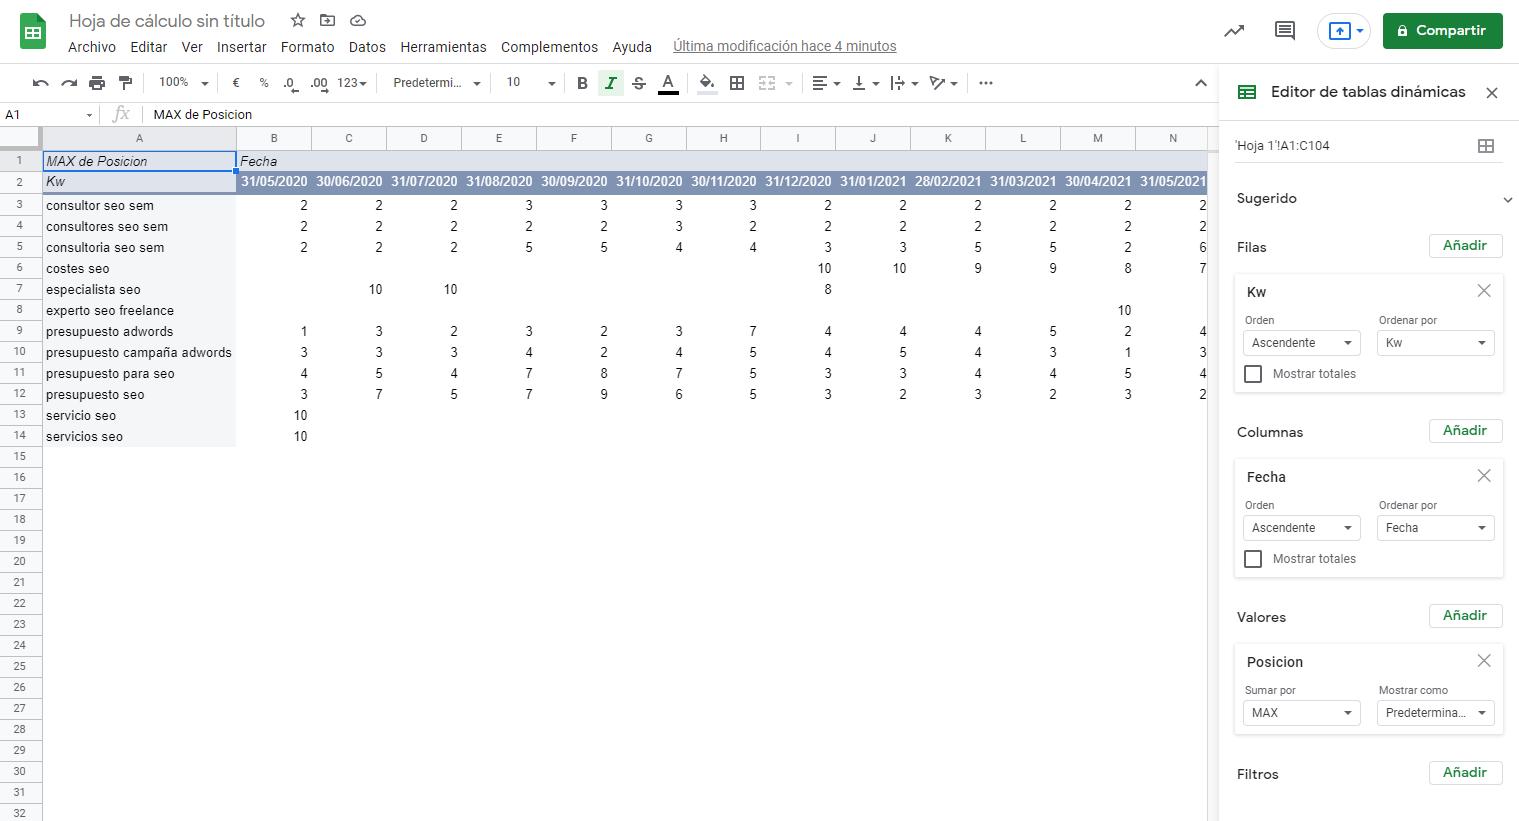 Tabla pivotante con los datos de las configurados para hacer la infografía